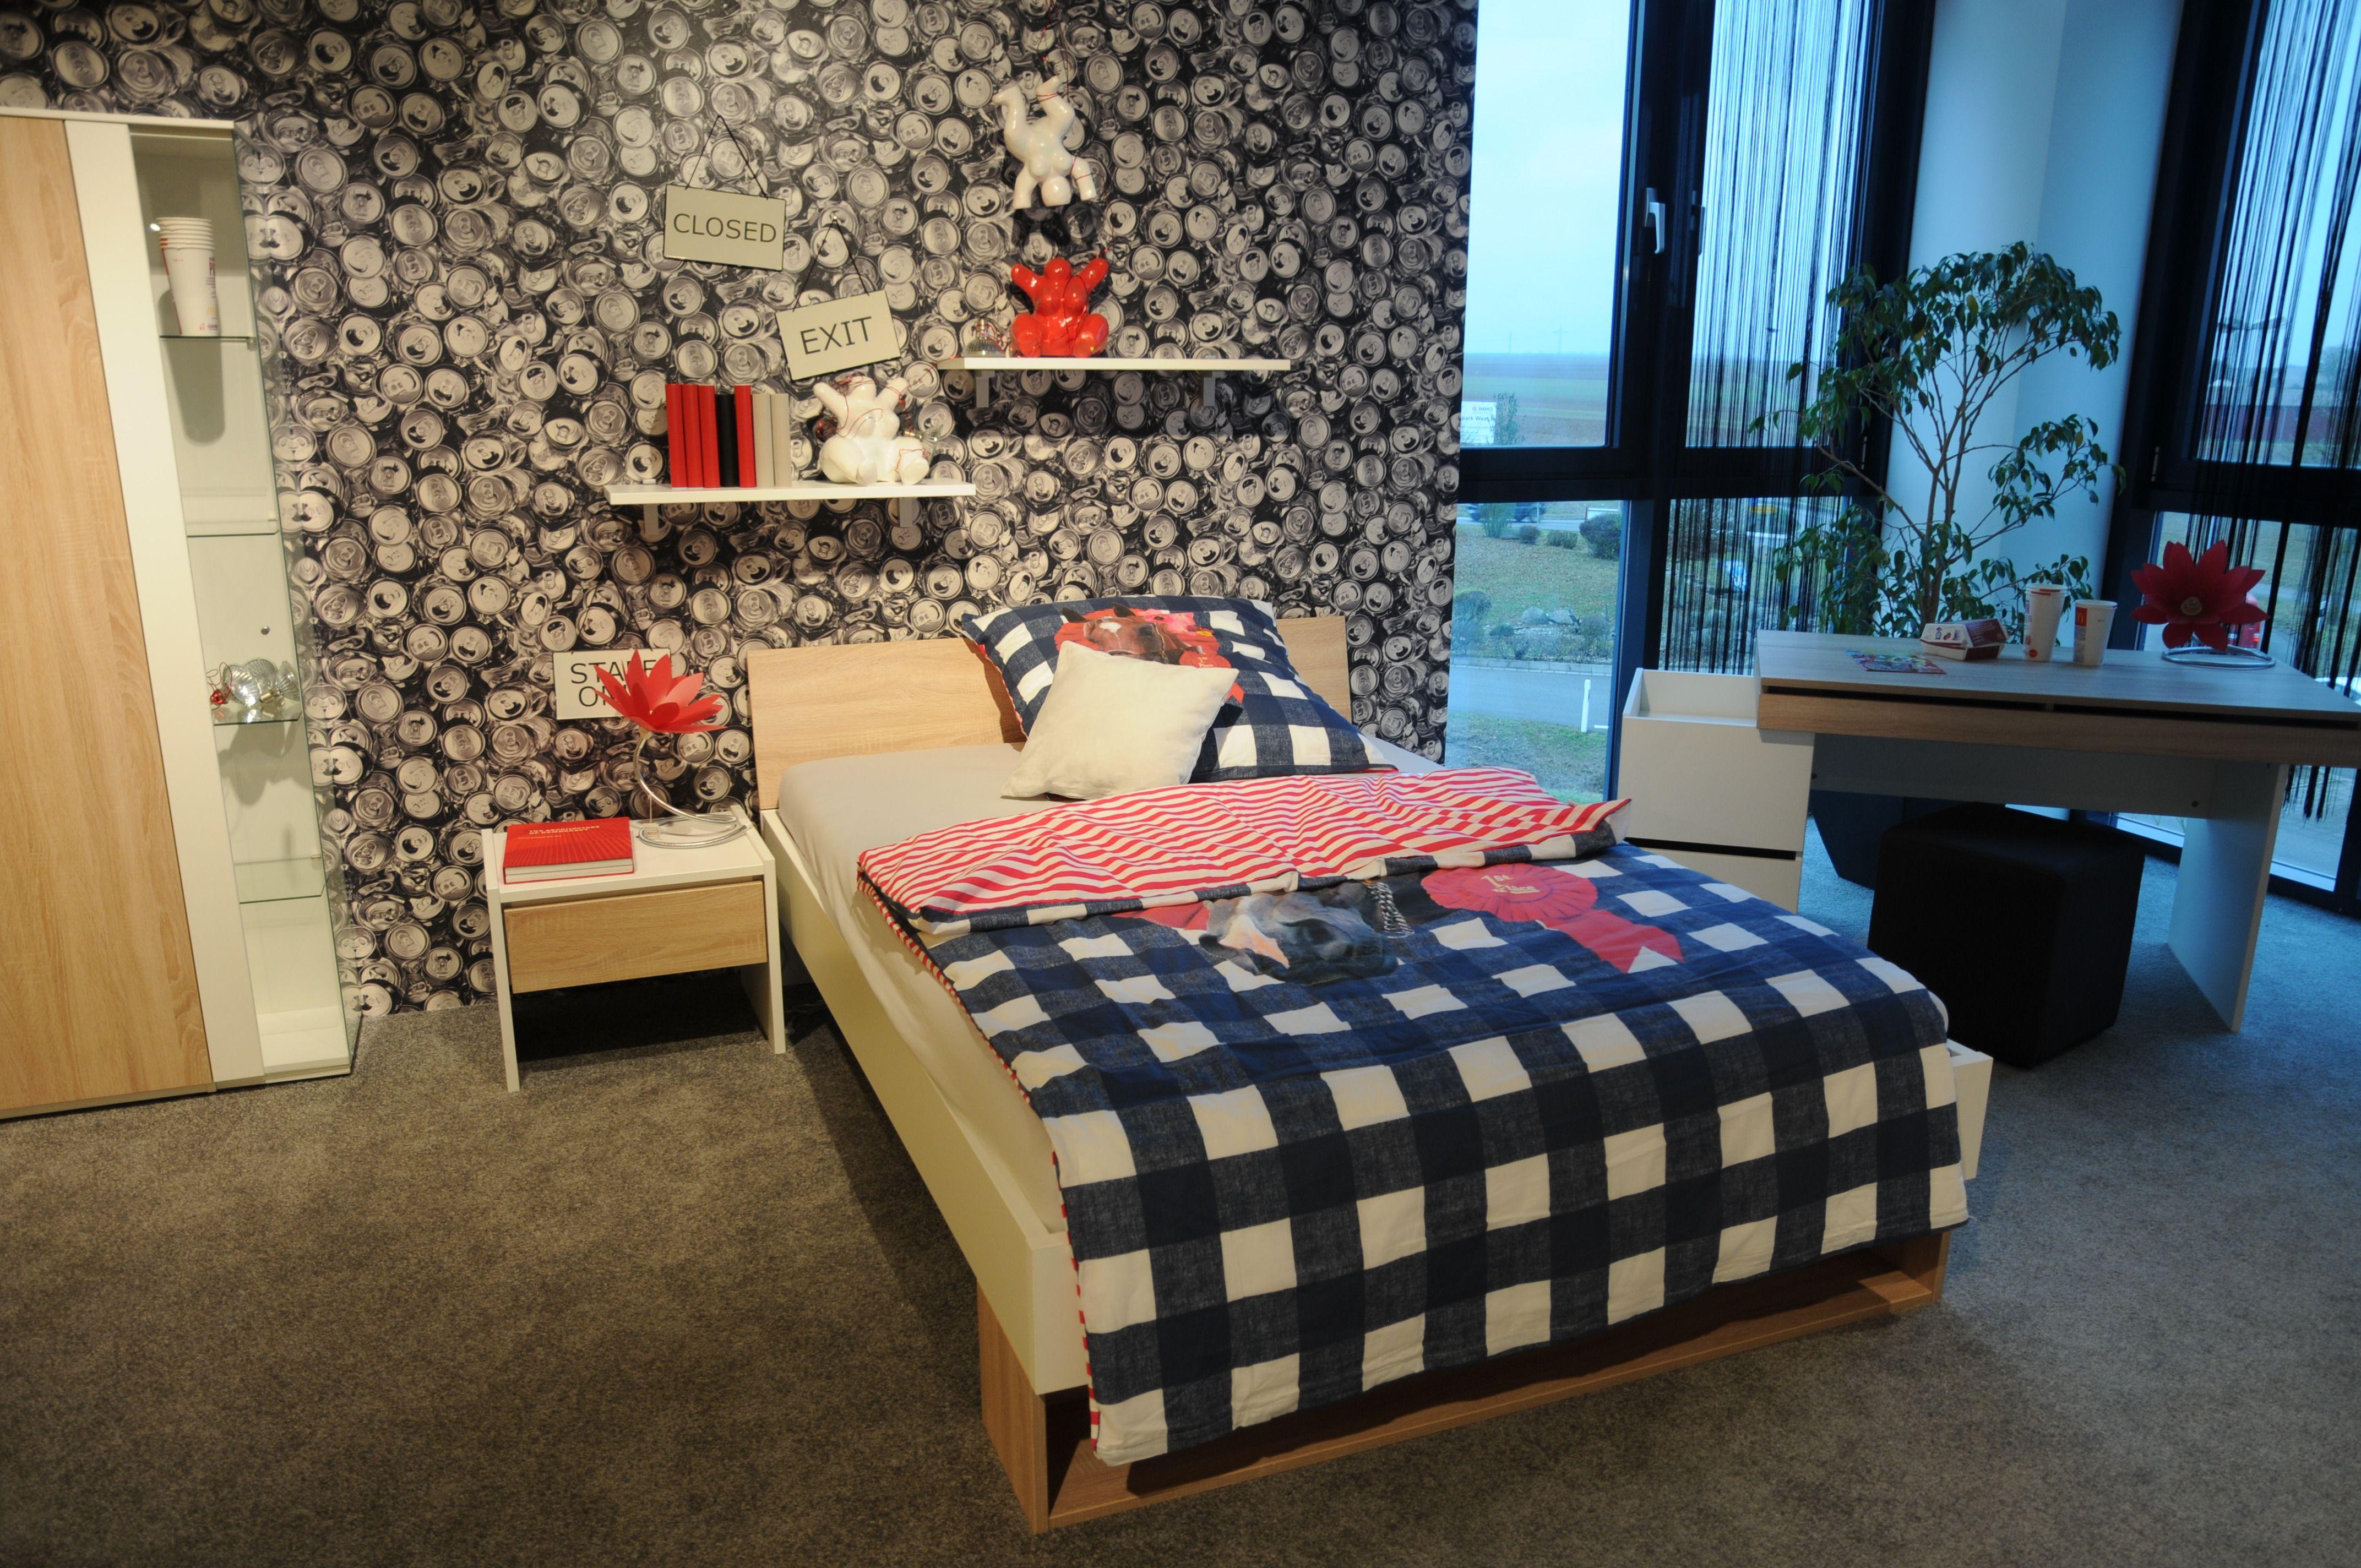 Jugendzimmer Modern In Den Farben Rot Und Blau Dekoriert Mit Ein